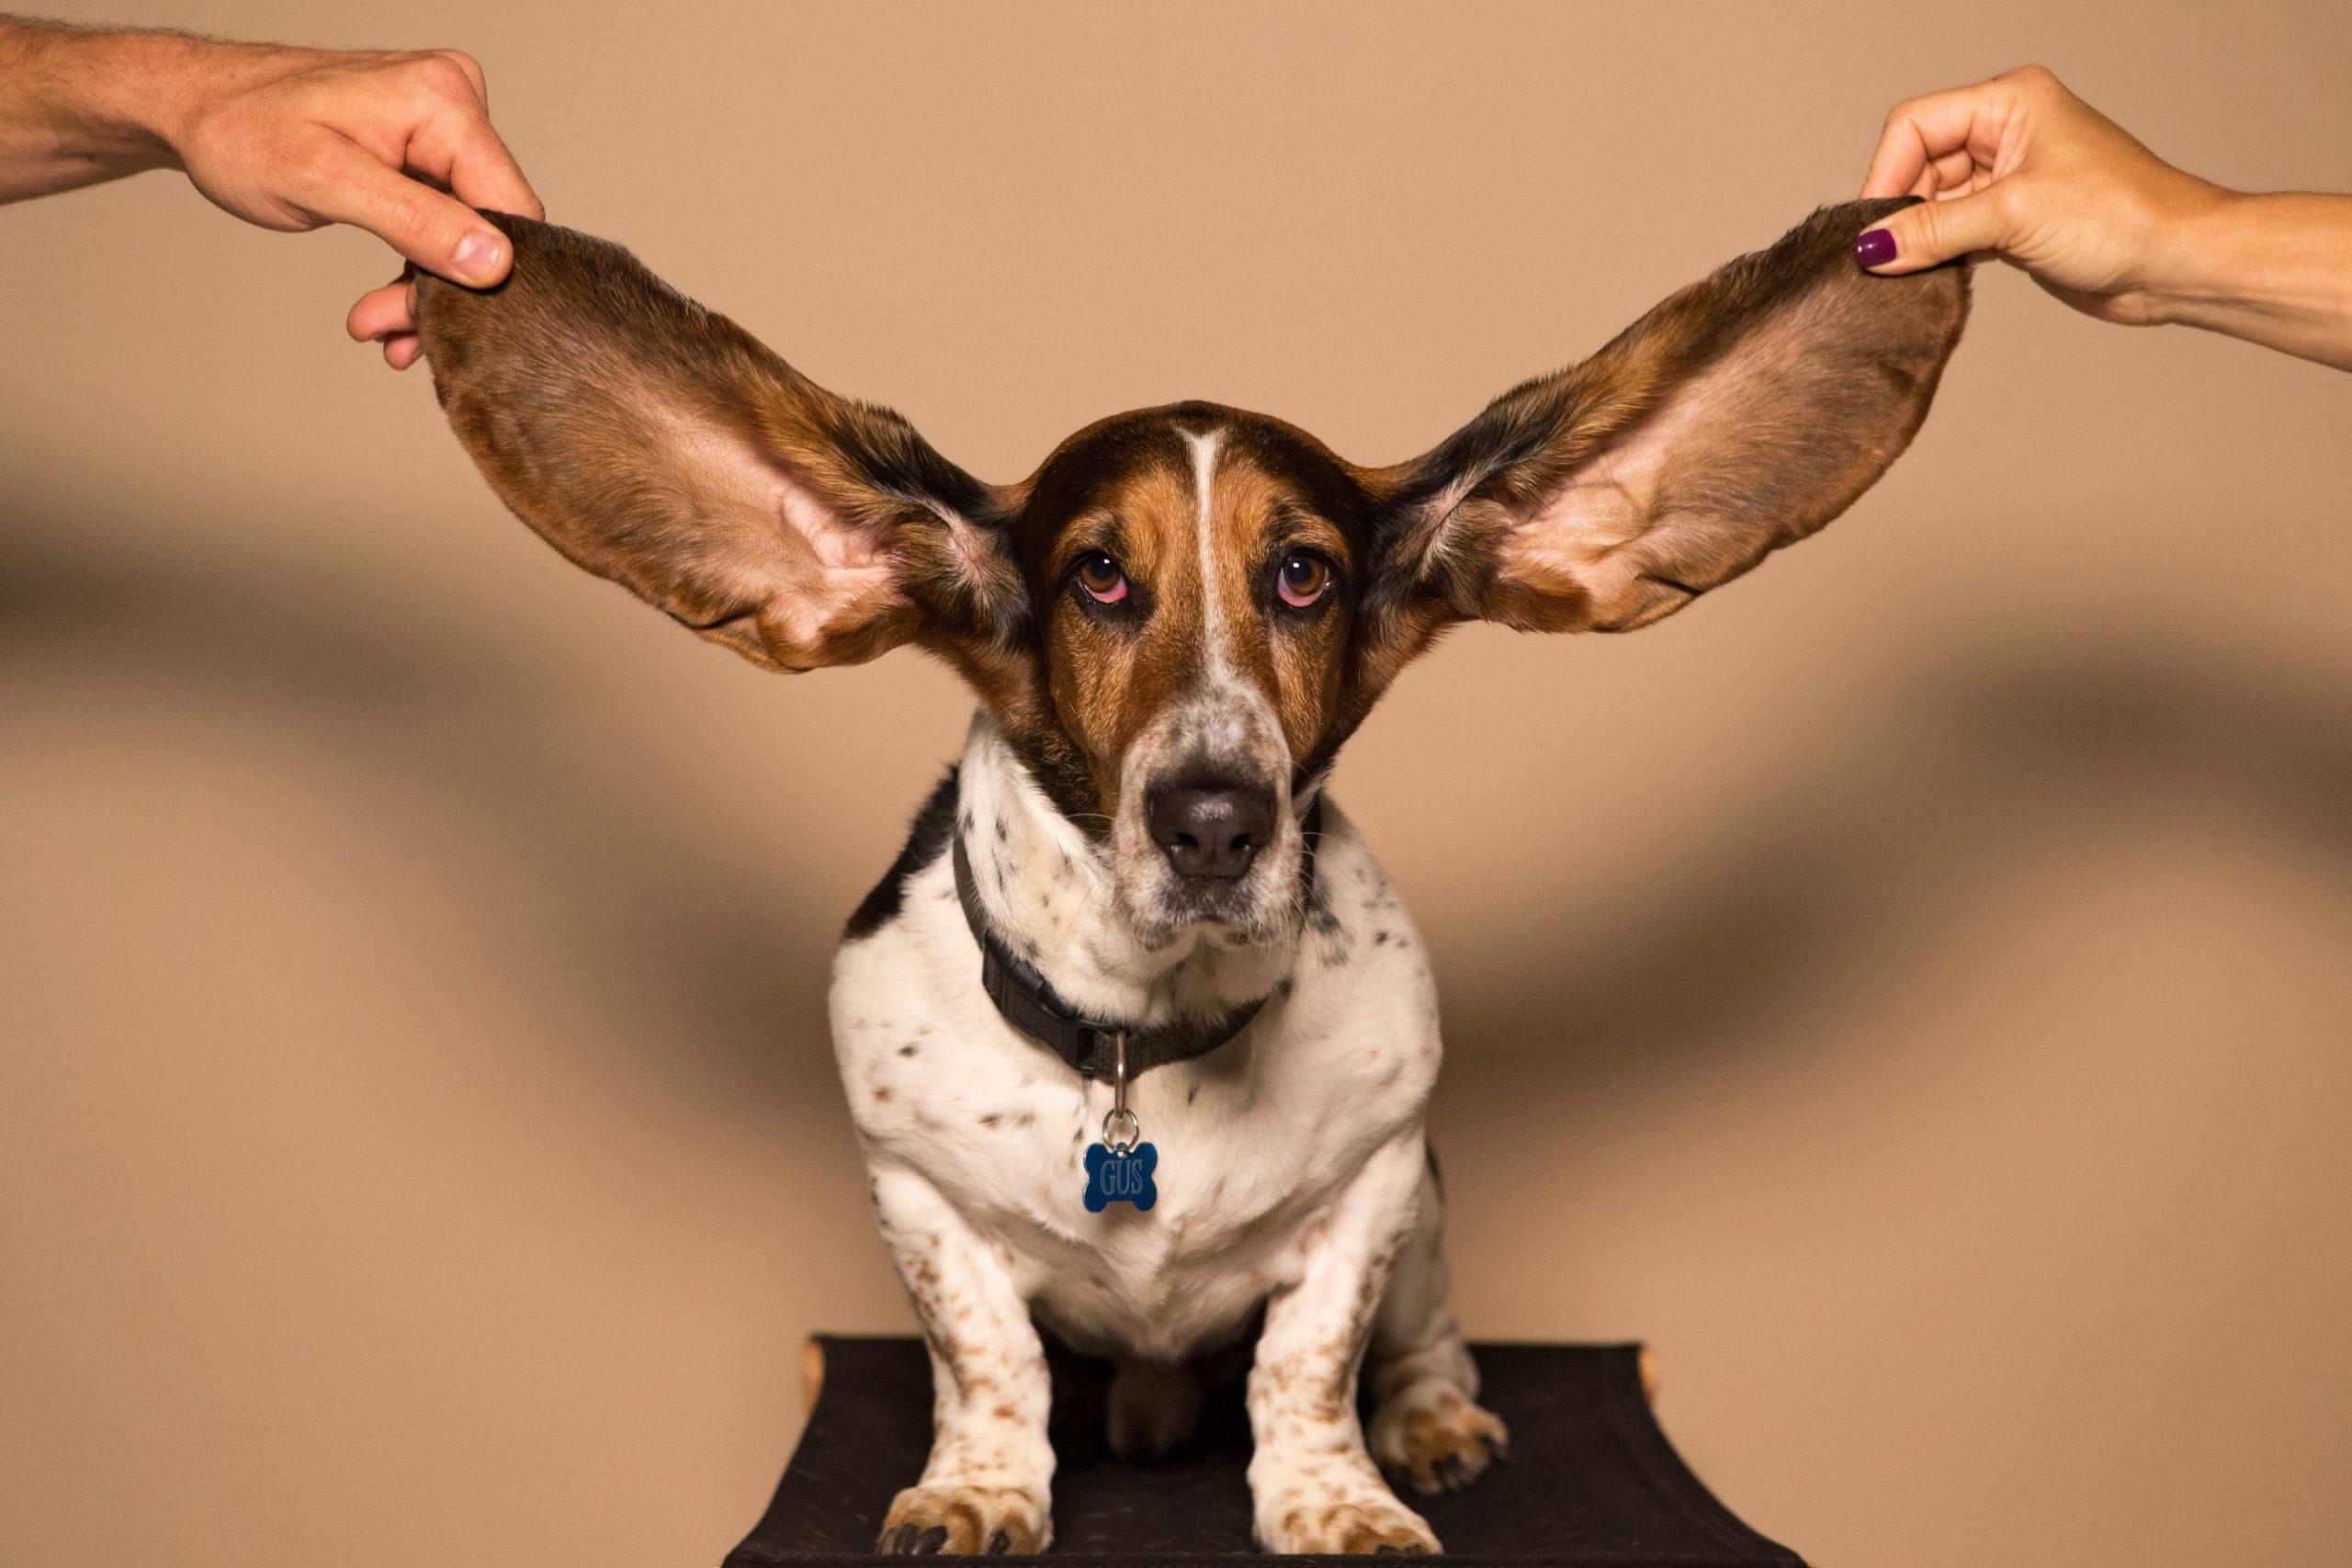 האם אני מצליחה להקשיב לעצמי בתוך סערת רעשי הרקע?